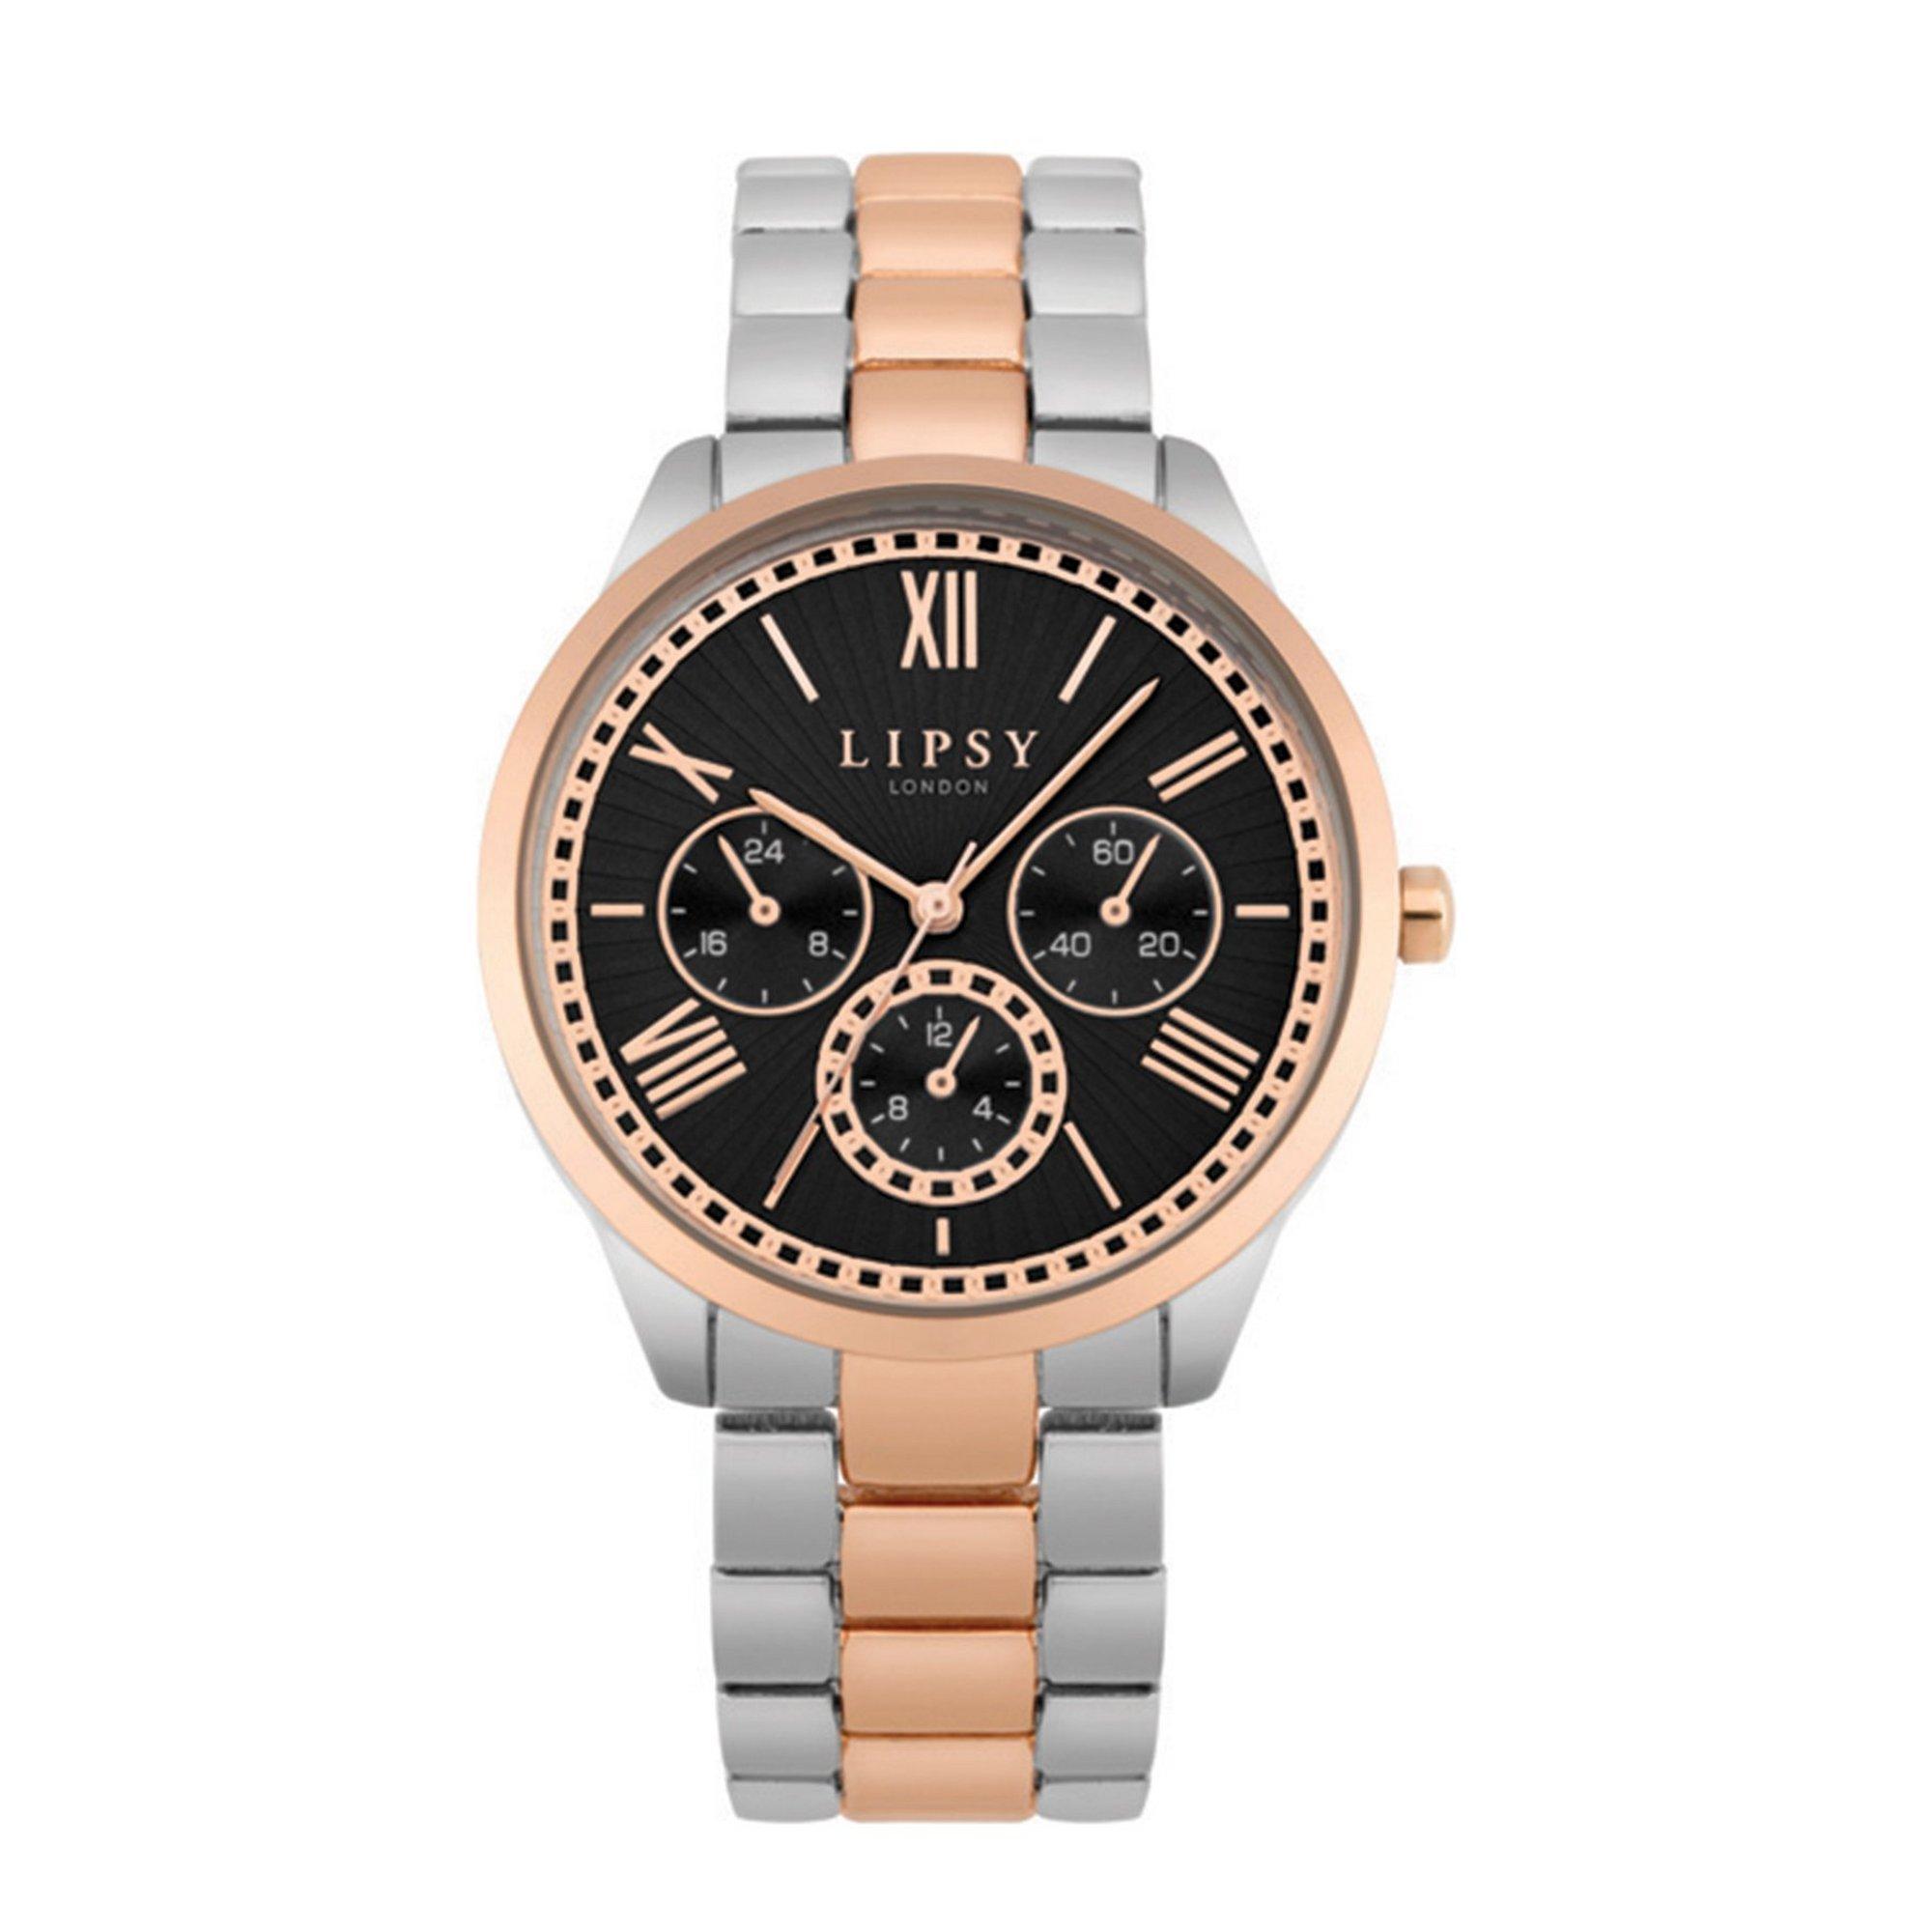 Image of Lipsy Bracelet Watch